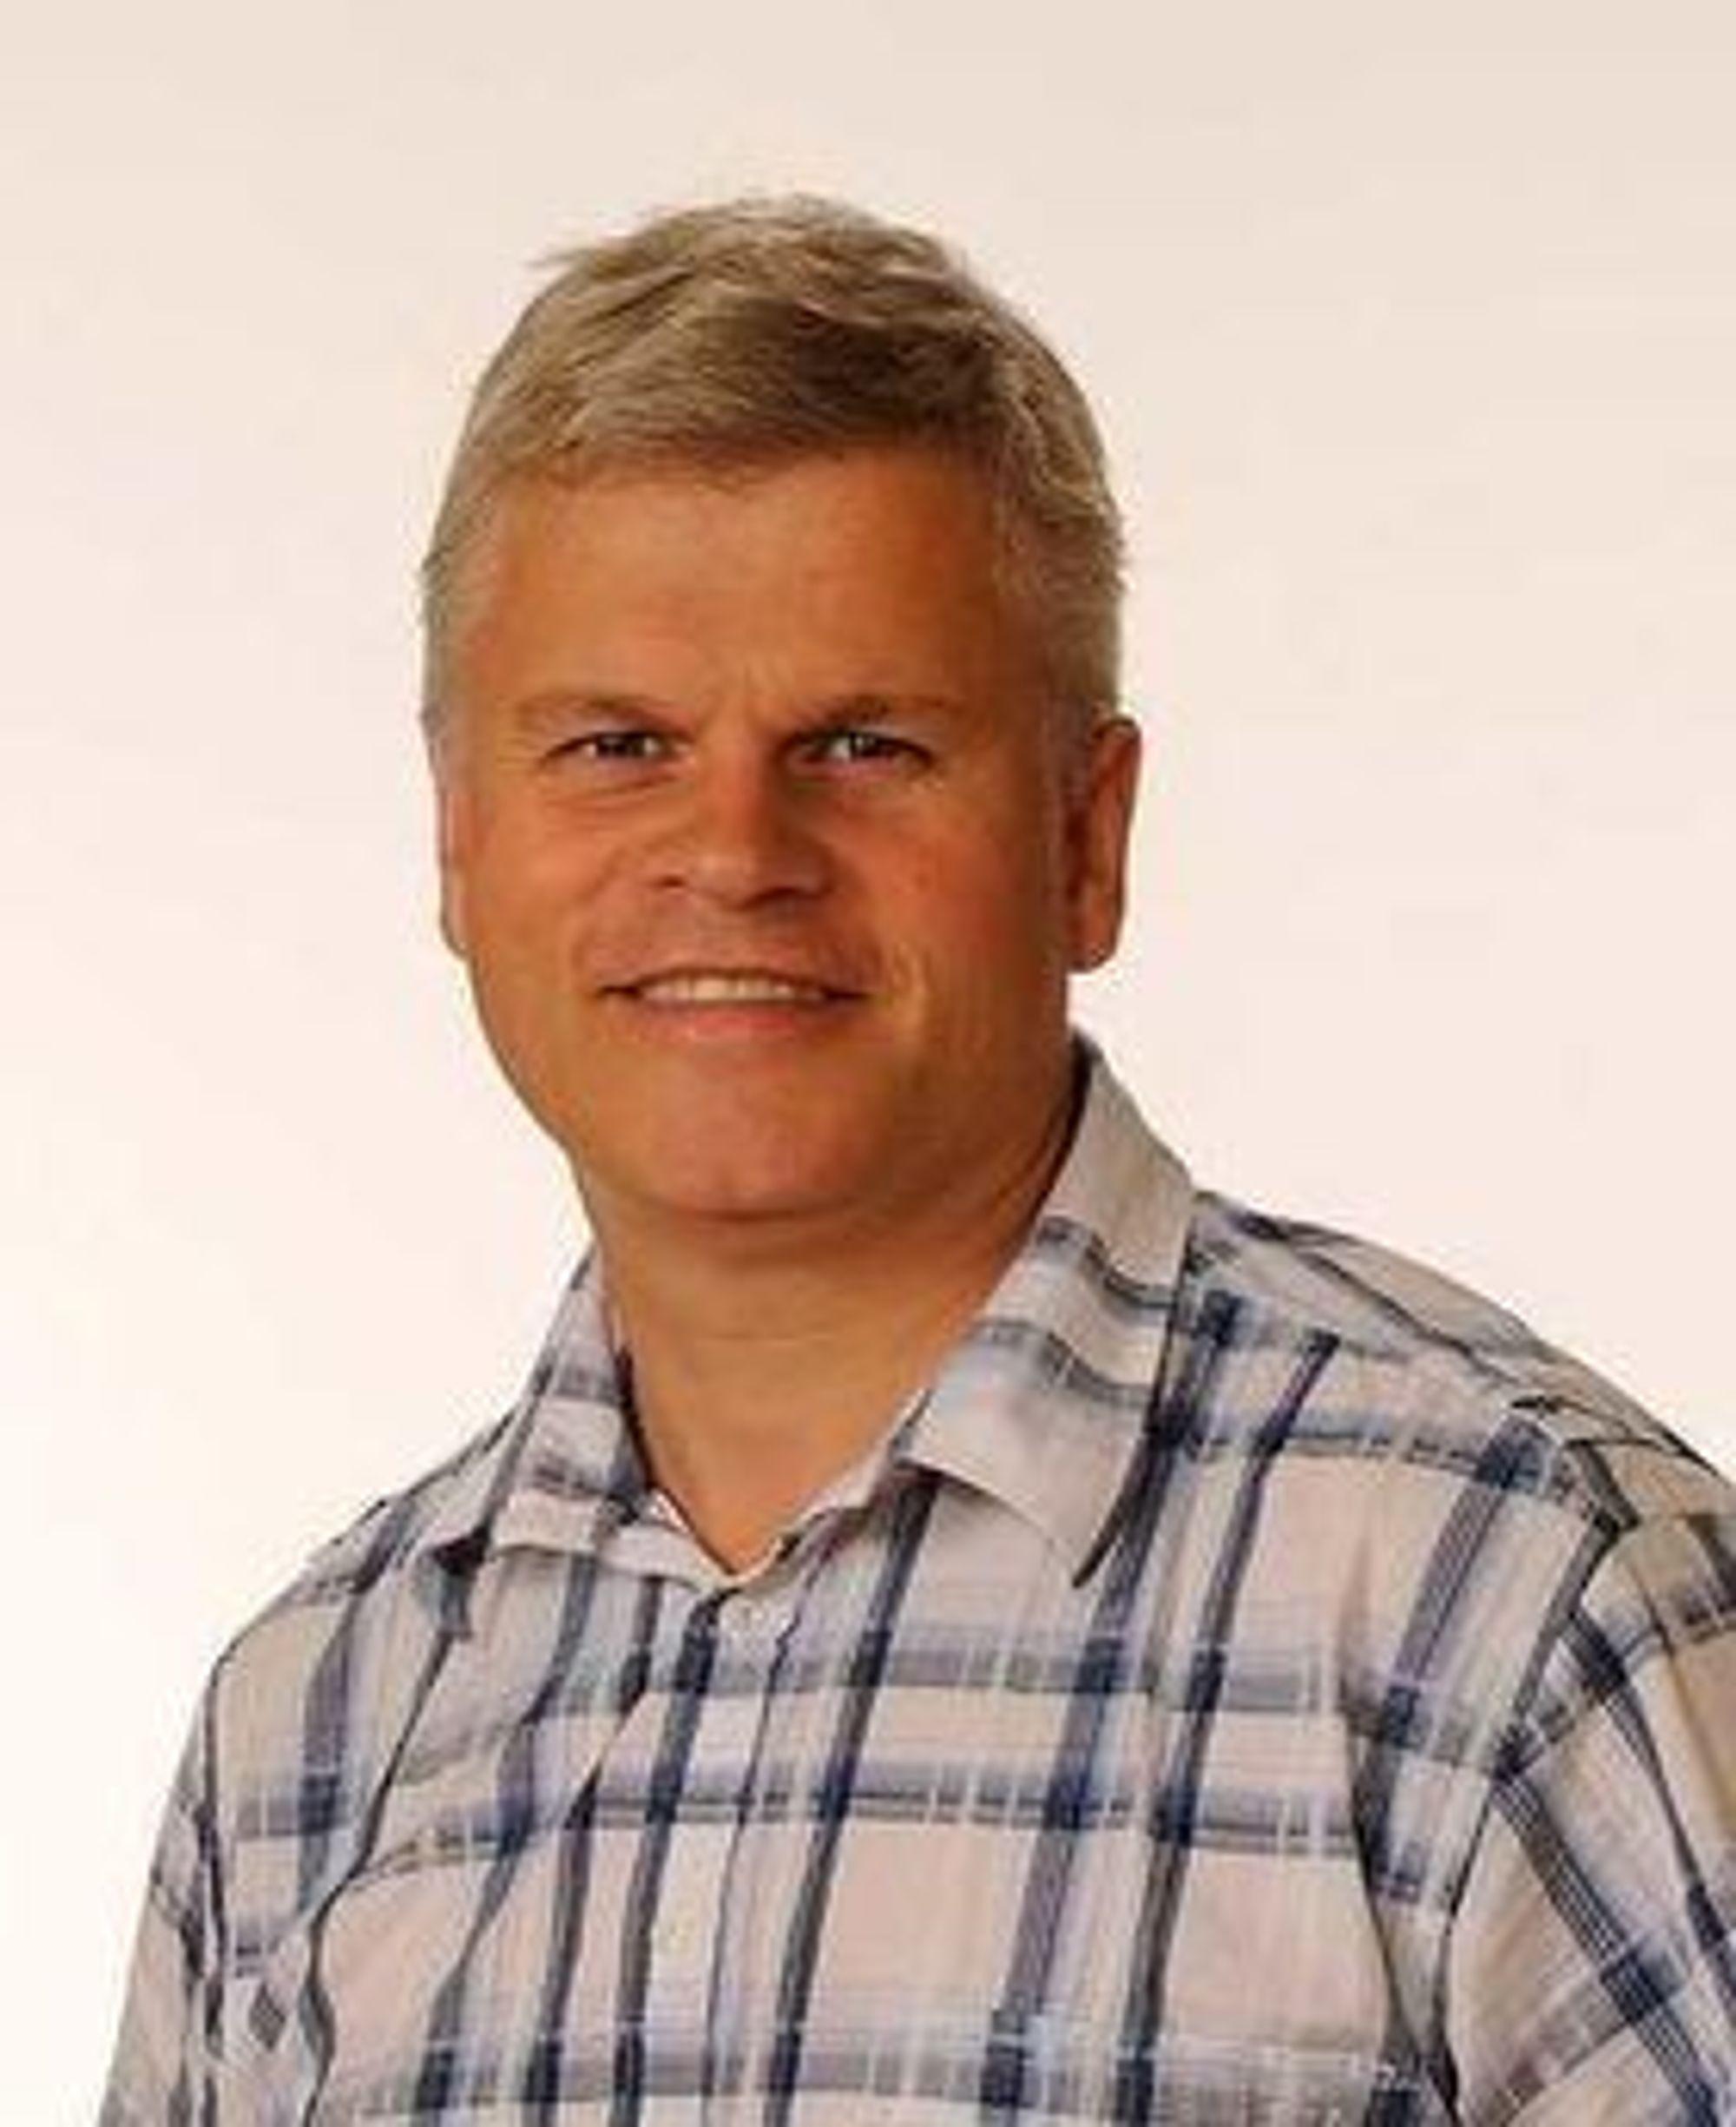 Vi venter fortsatt på analyse av det som skjedde, sier Jørgen Ferkingstad som er redaktør for Altinn.